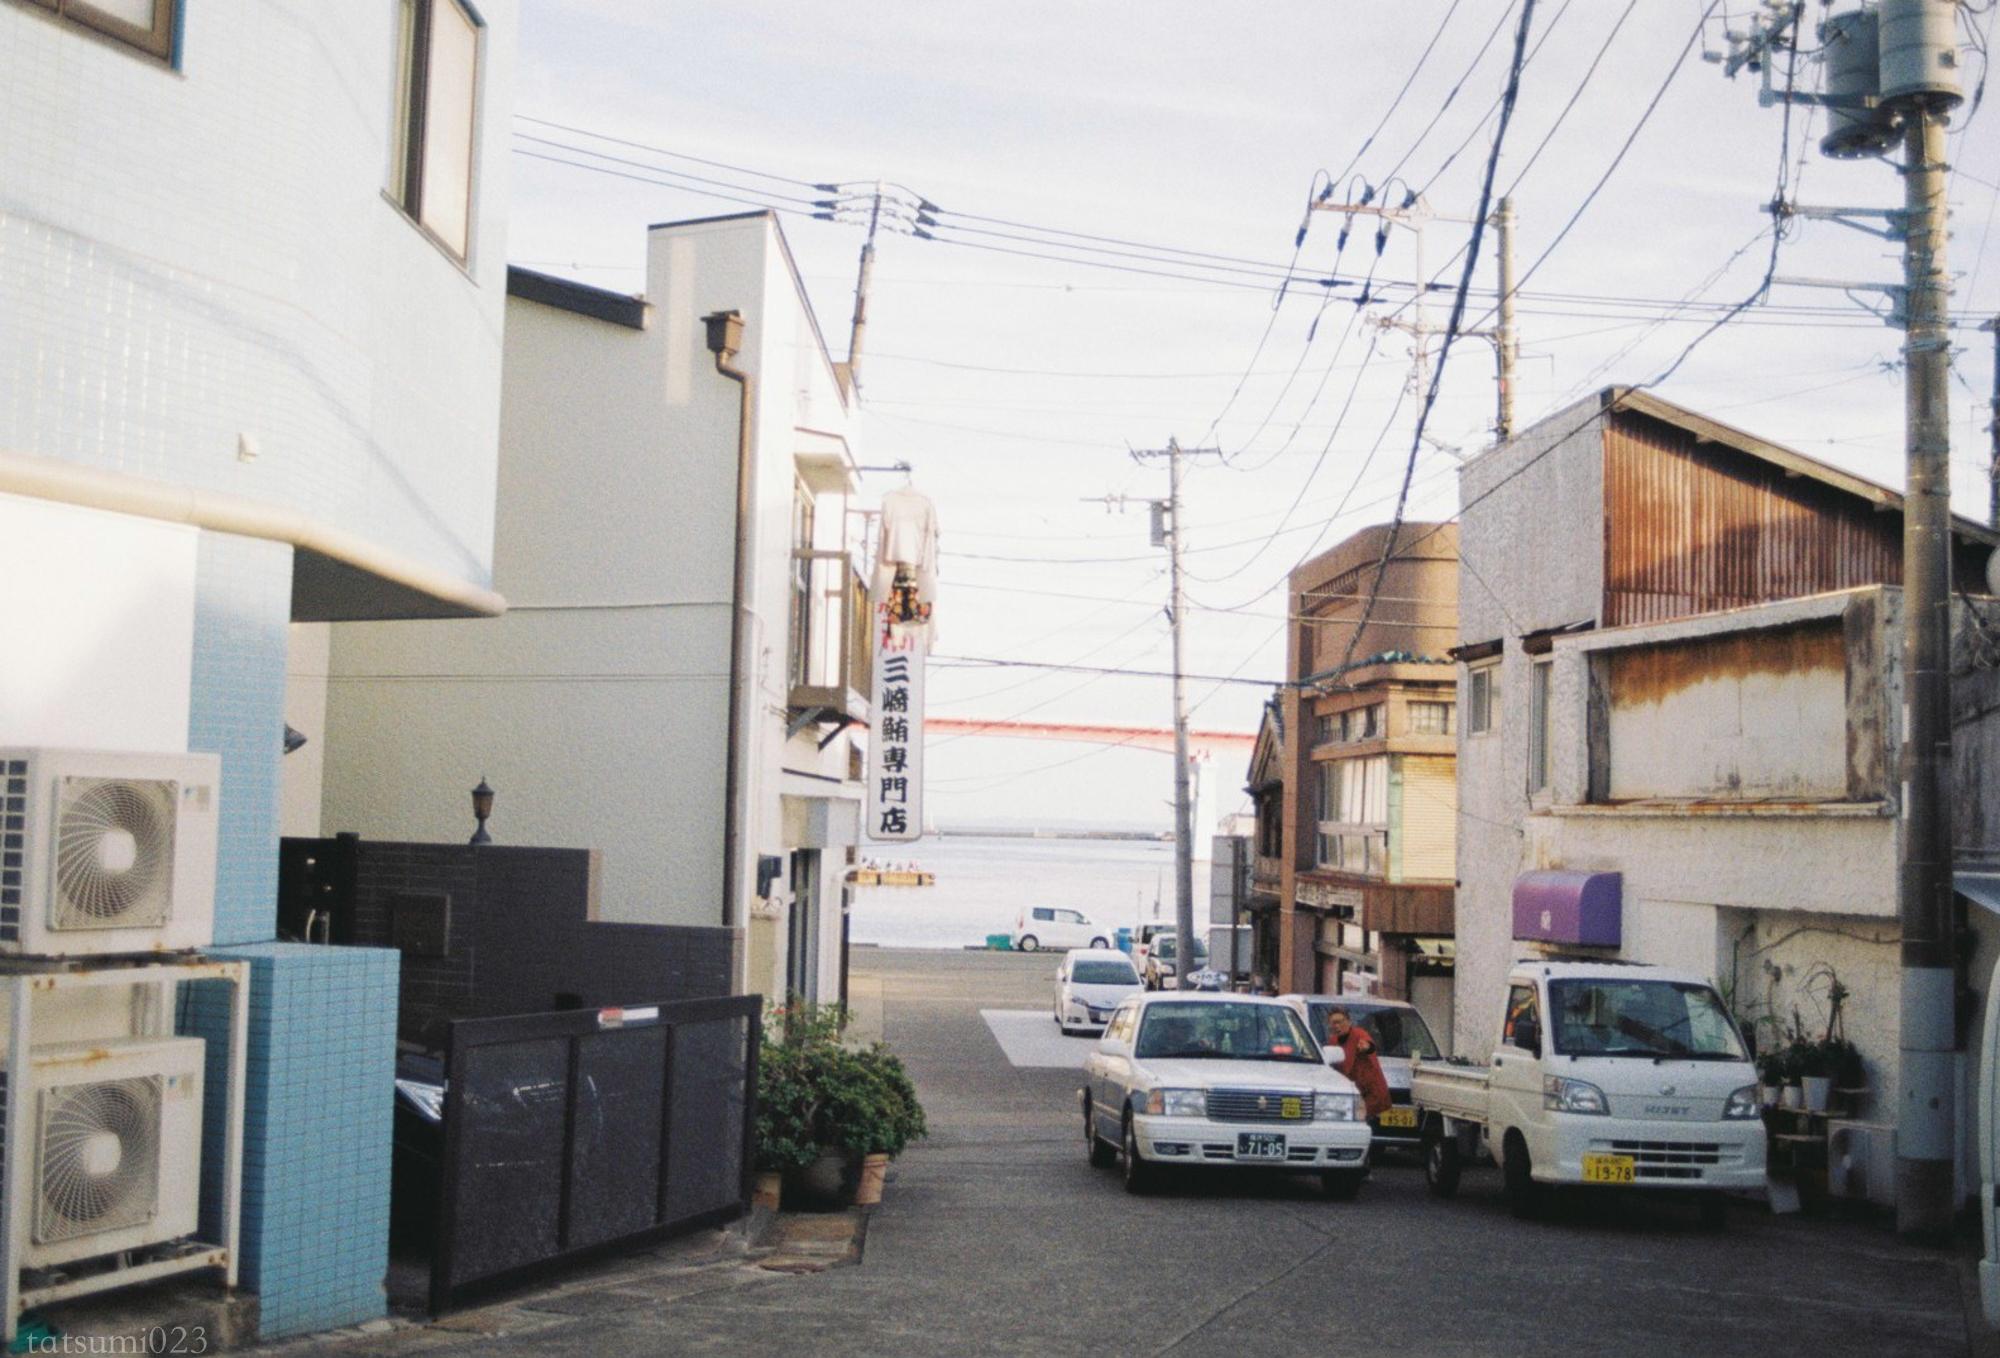 f:id:tatsumi023:20190118094309j:plain